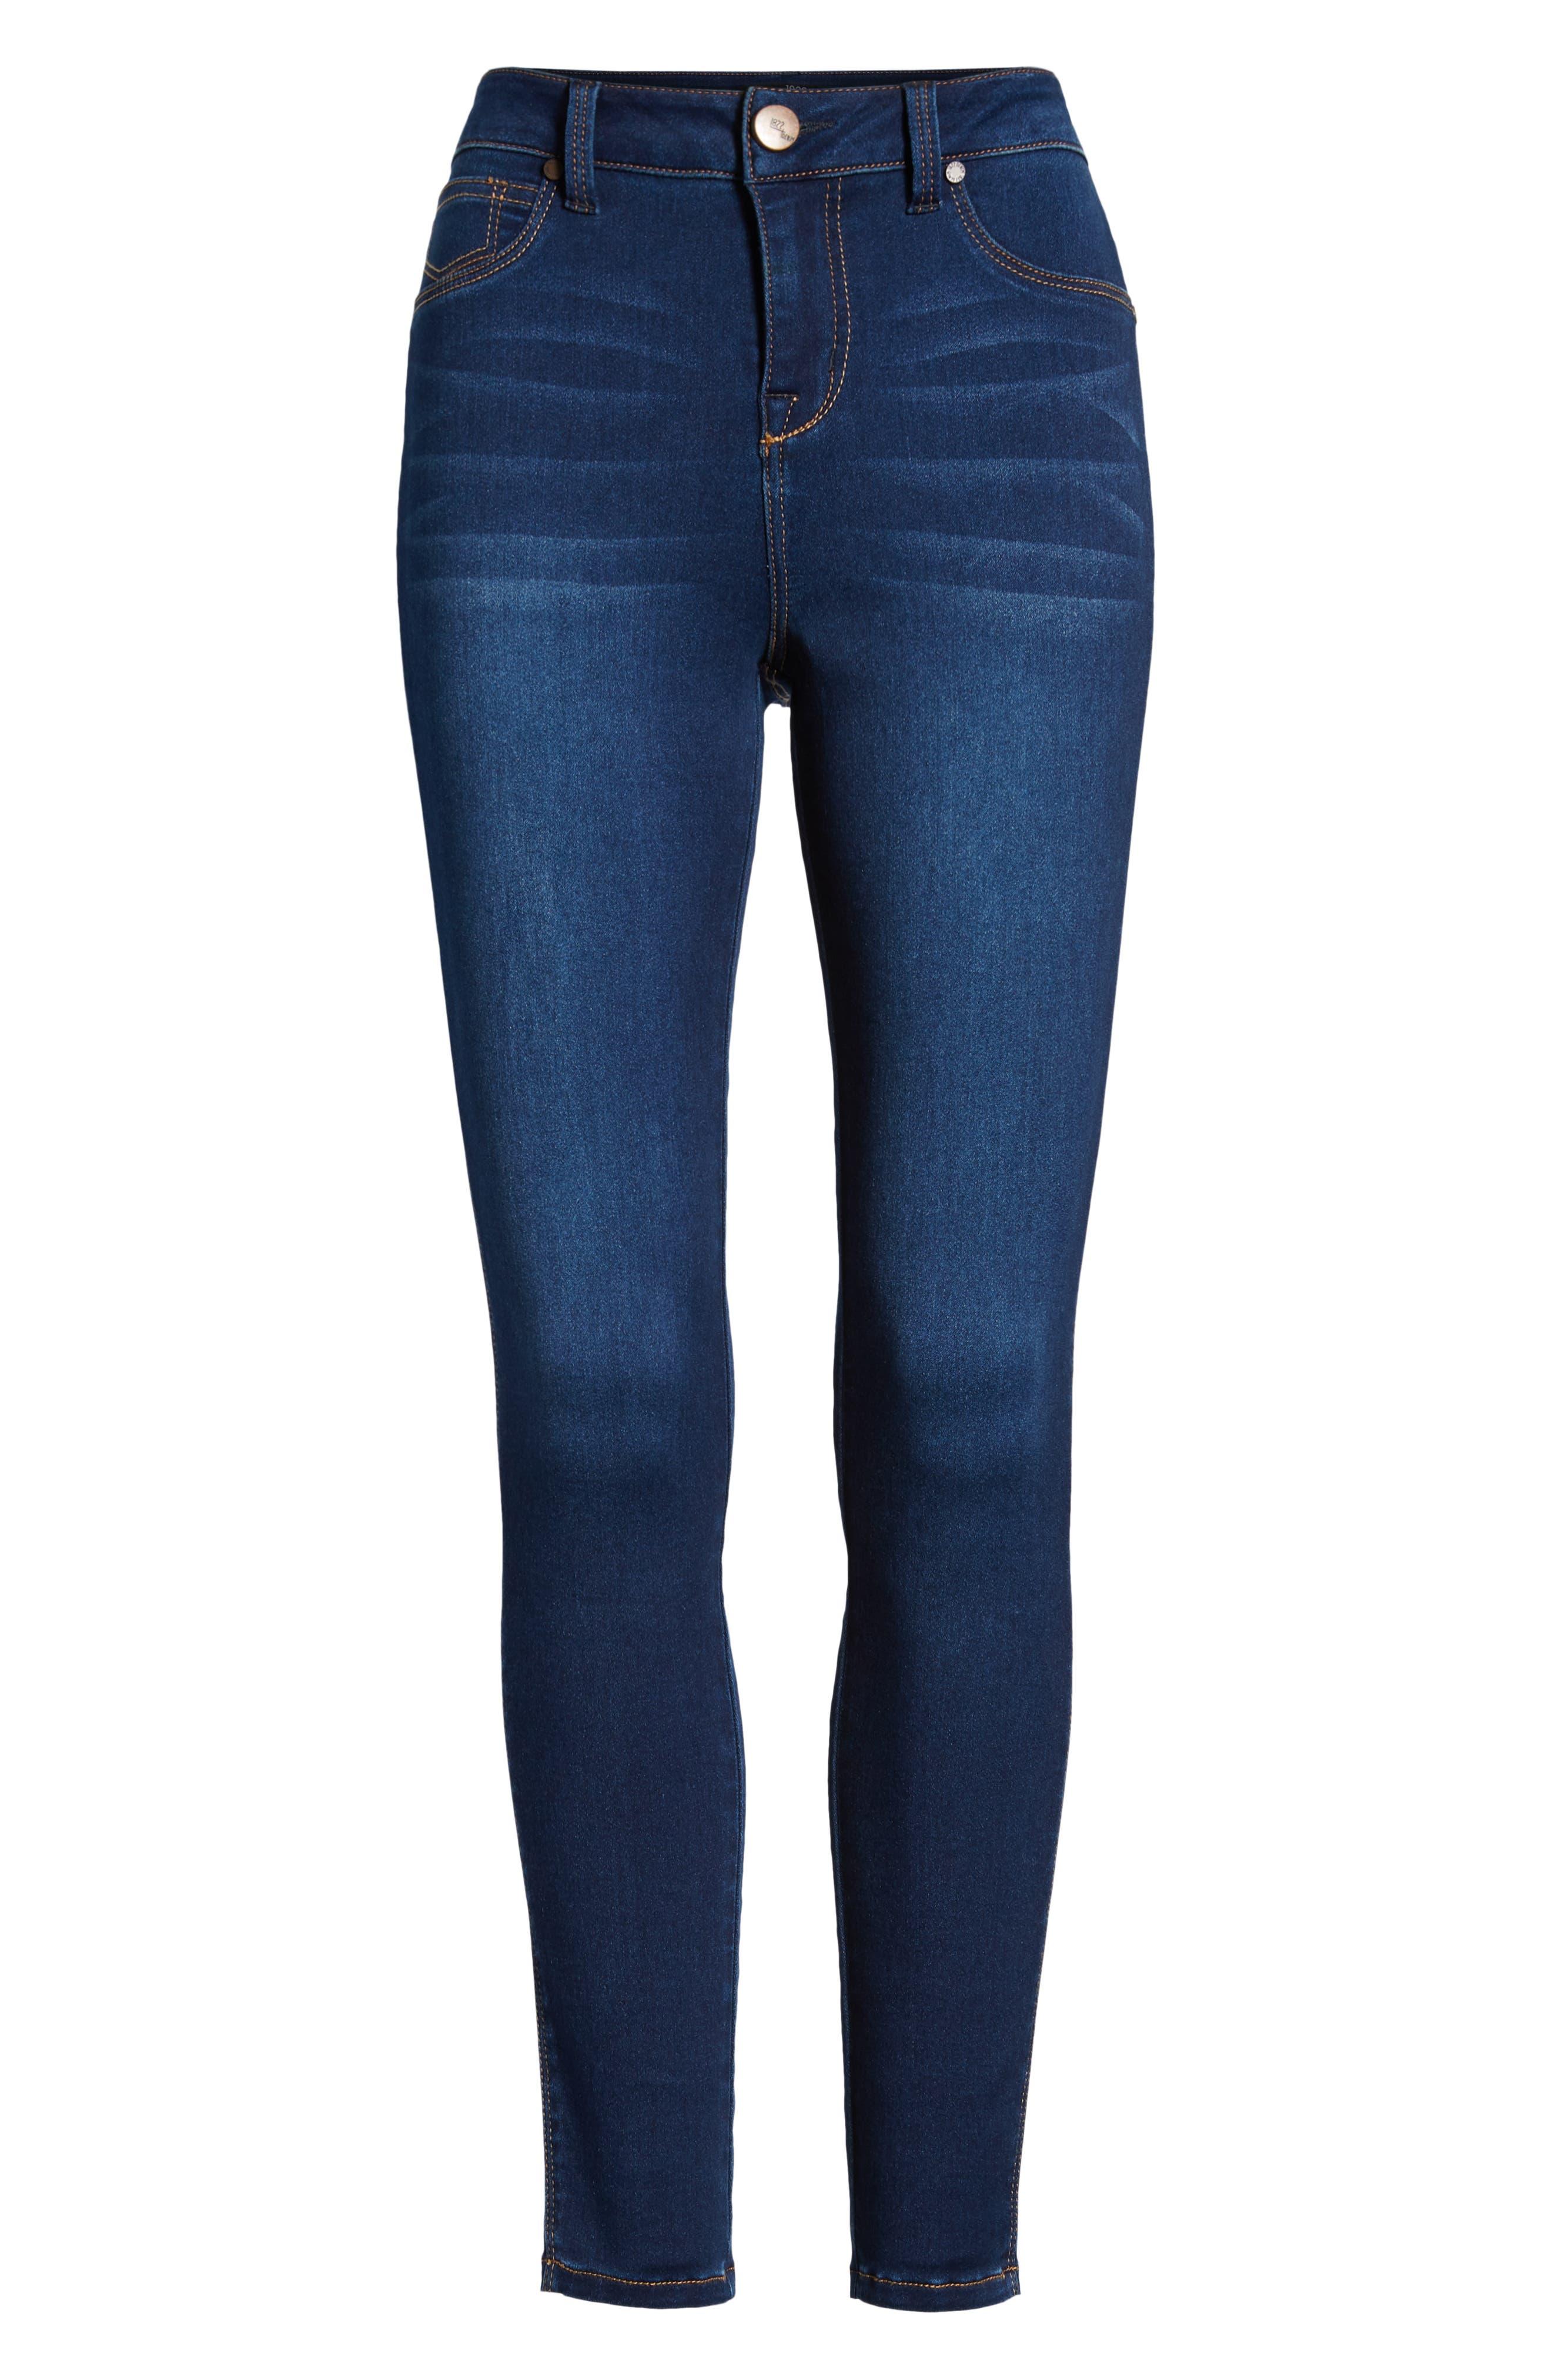 1822 DENIM,                             Butter High Rise Skinny Jeans,                             Alternate thumbnail 7, color,                             LENNOX